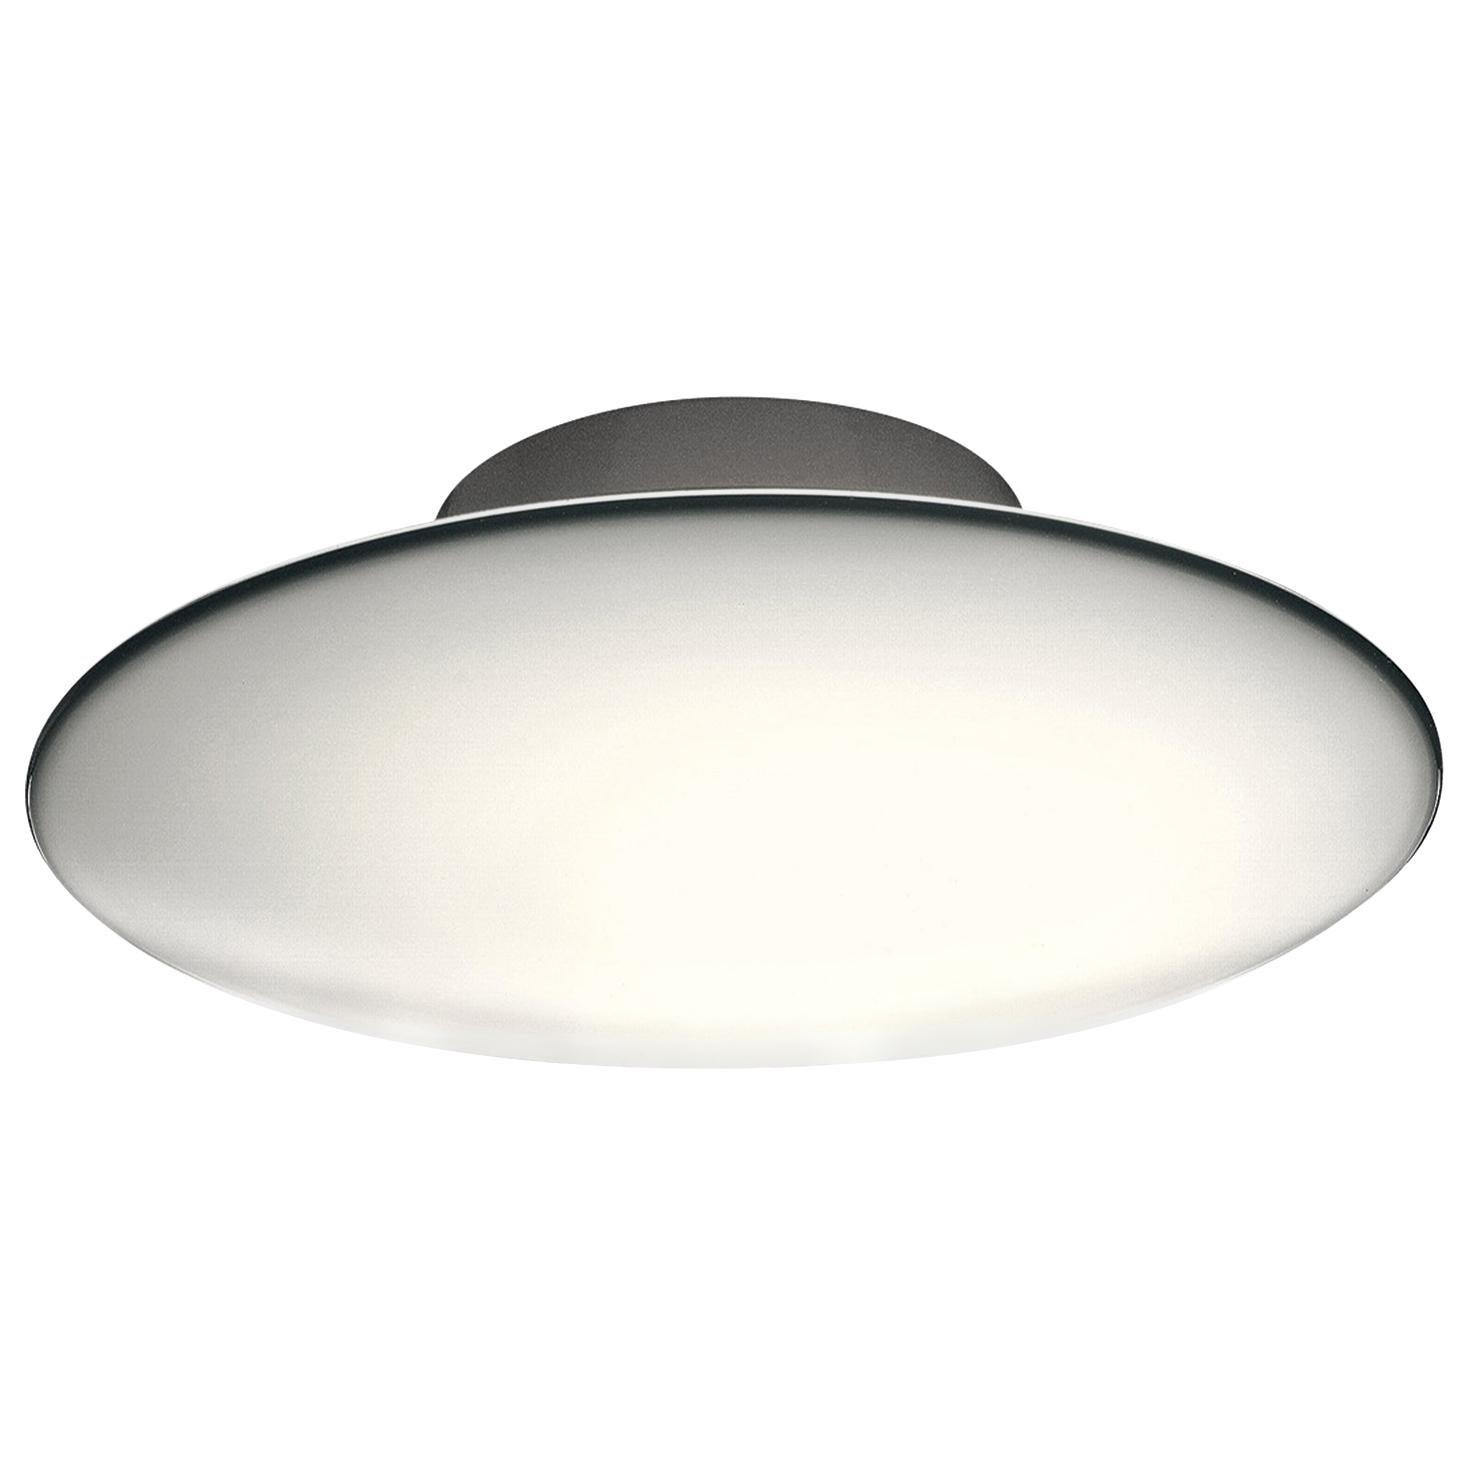 Arne Jacobsen 'Eklipta' Wall or Ceiling Light for Louis Poulsen